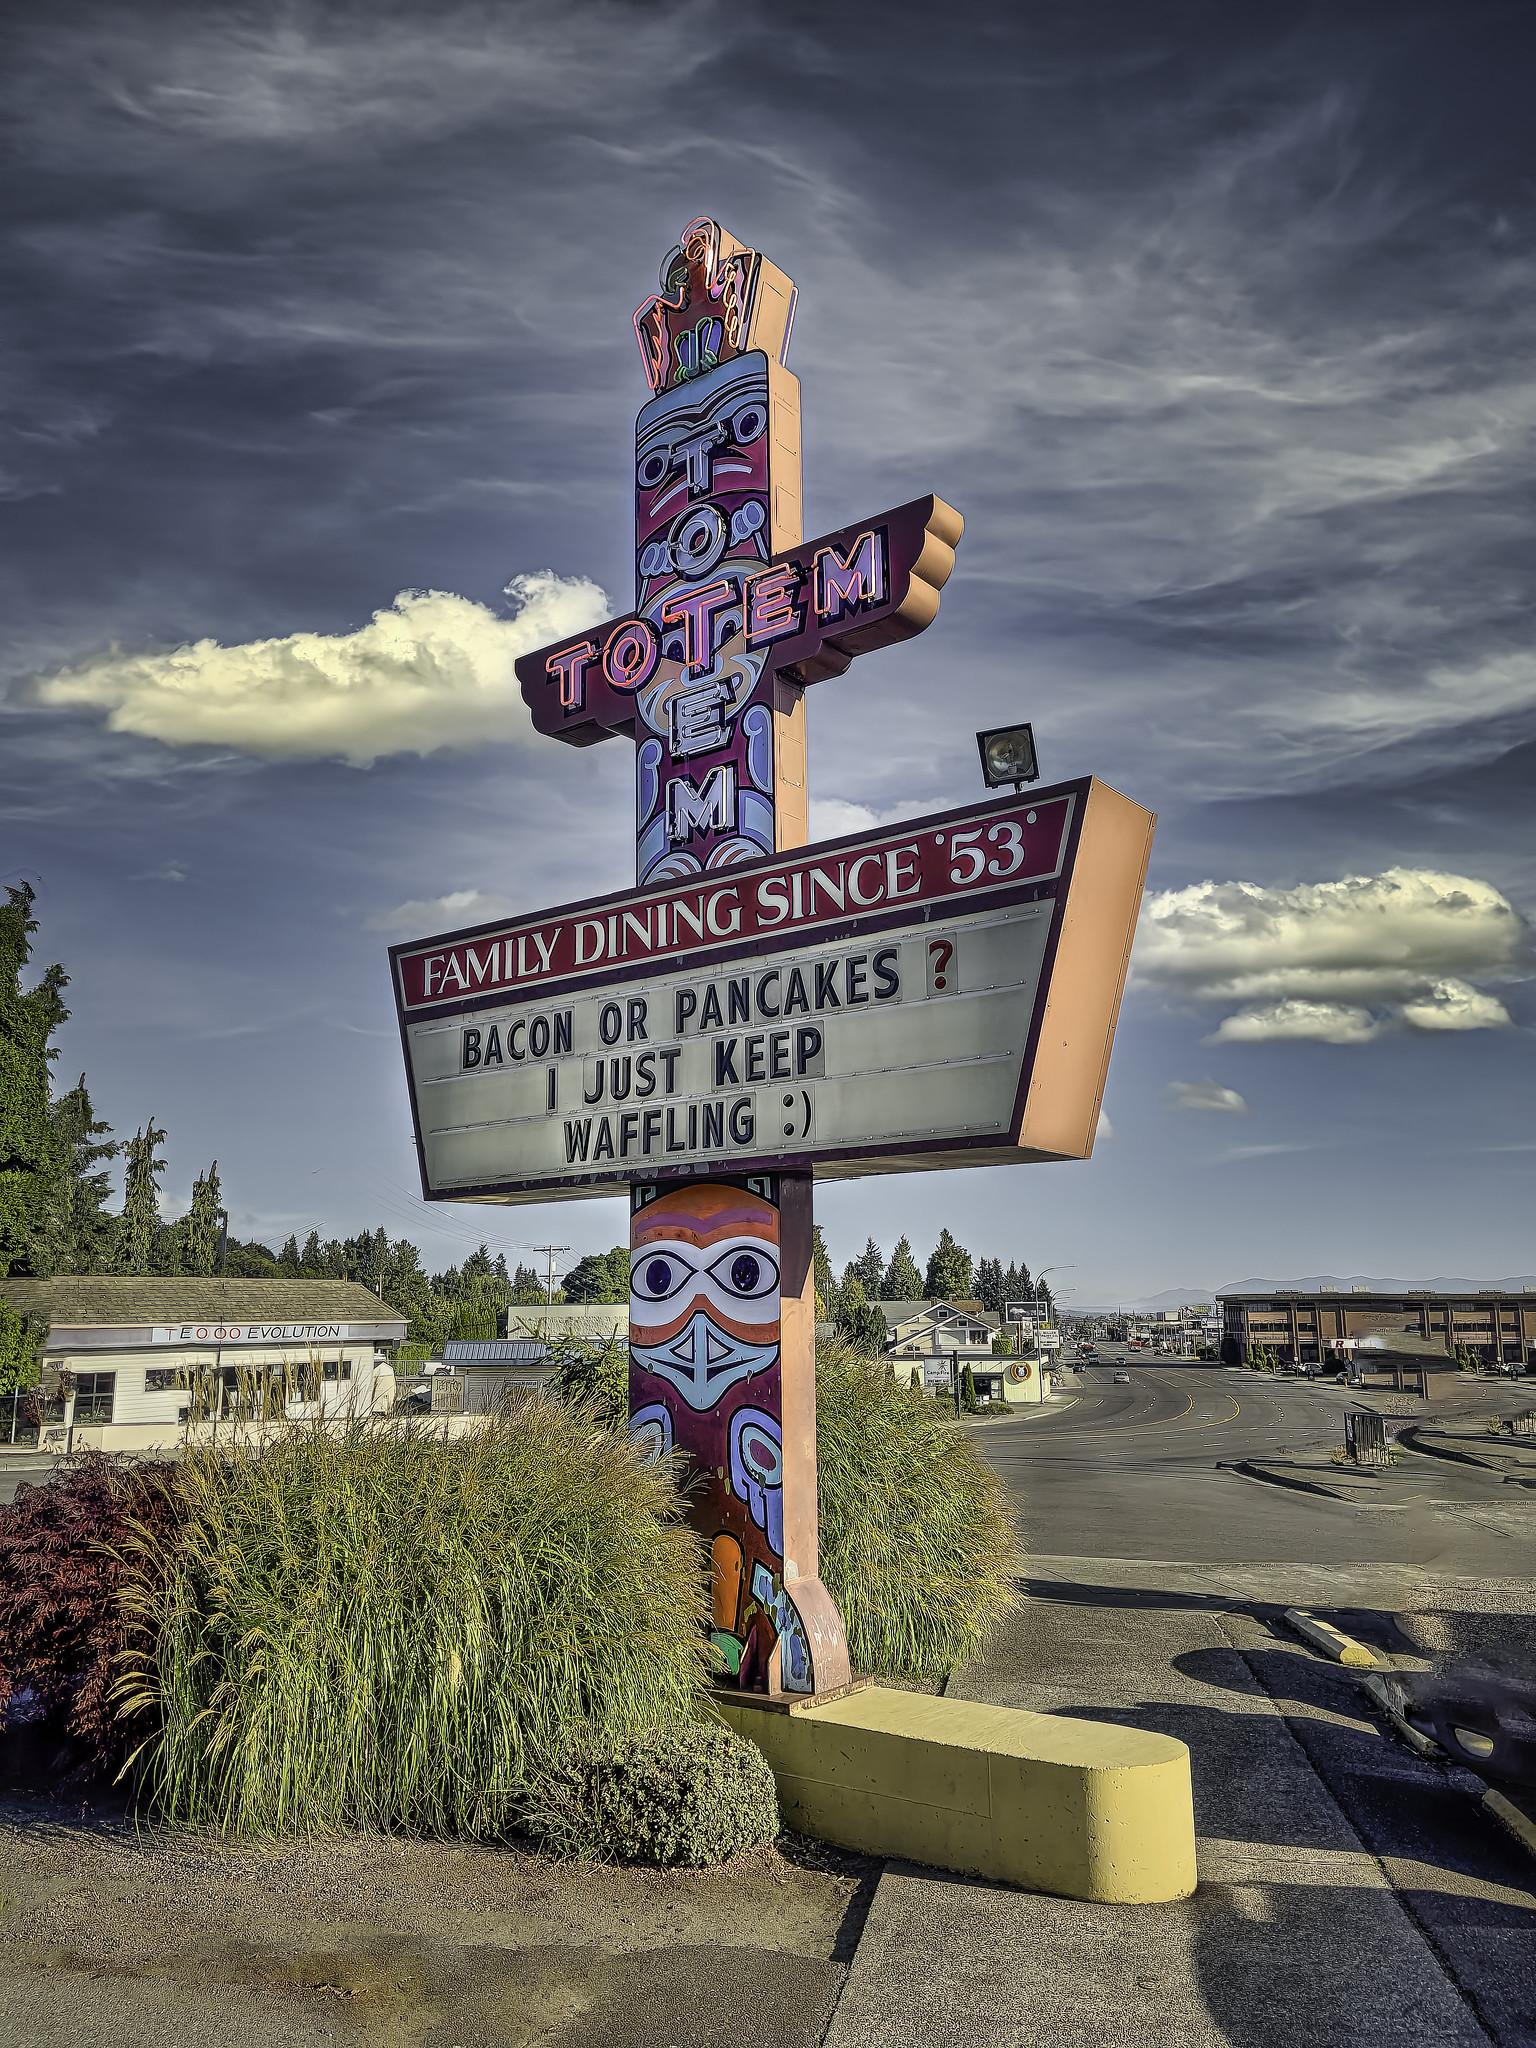 Totem Family Diner - 4410 Rucker Avenue, Everett, Washington U.S.A. - September 2, 2021